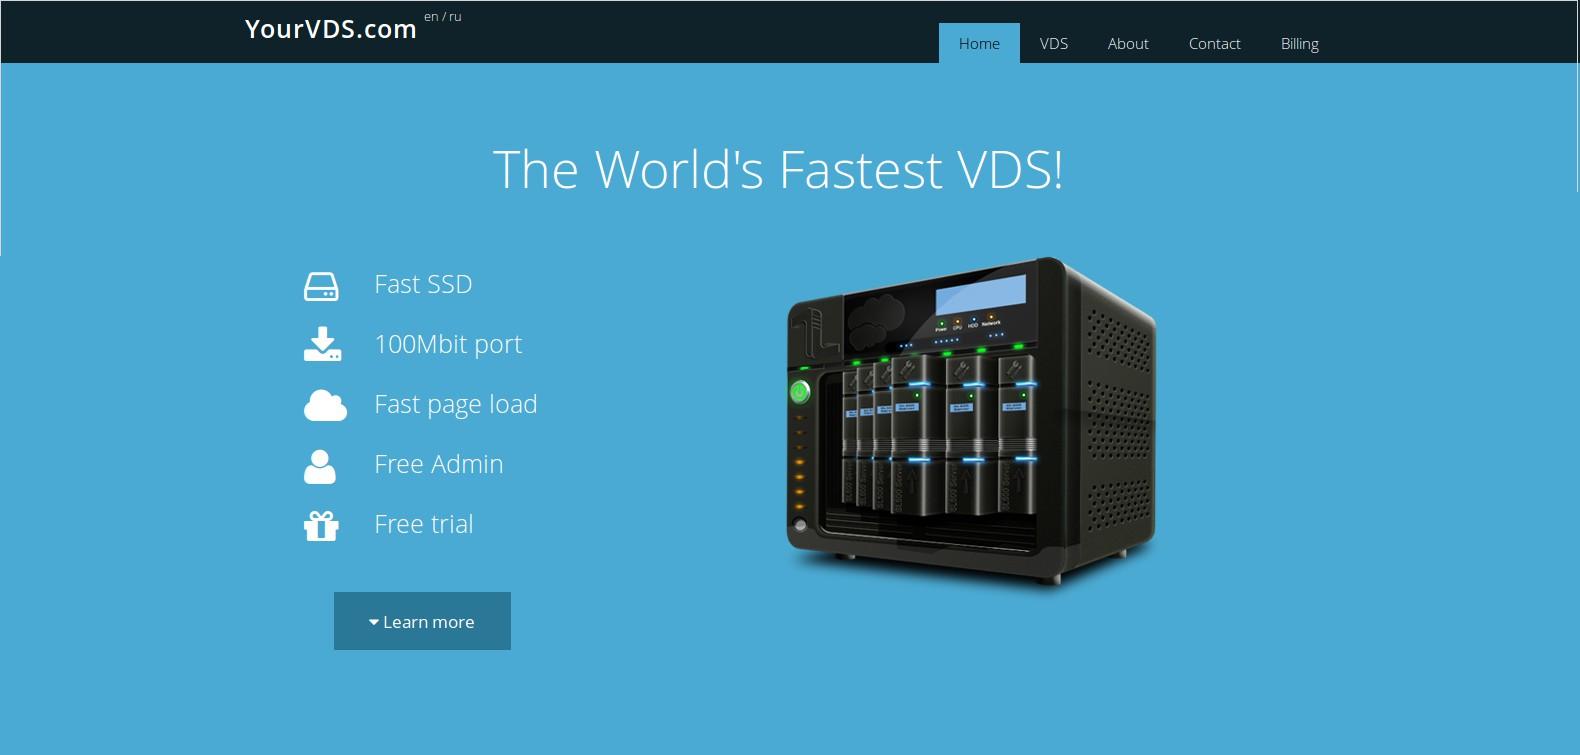 YourVDS.com